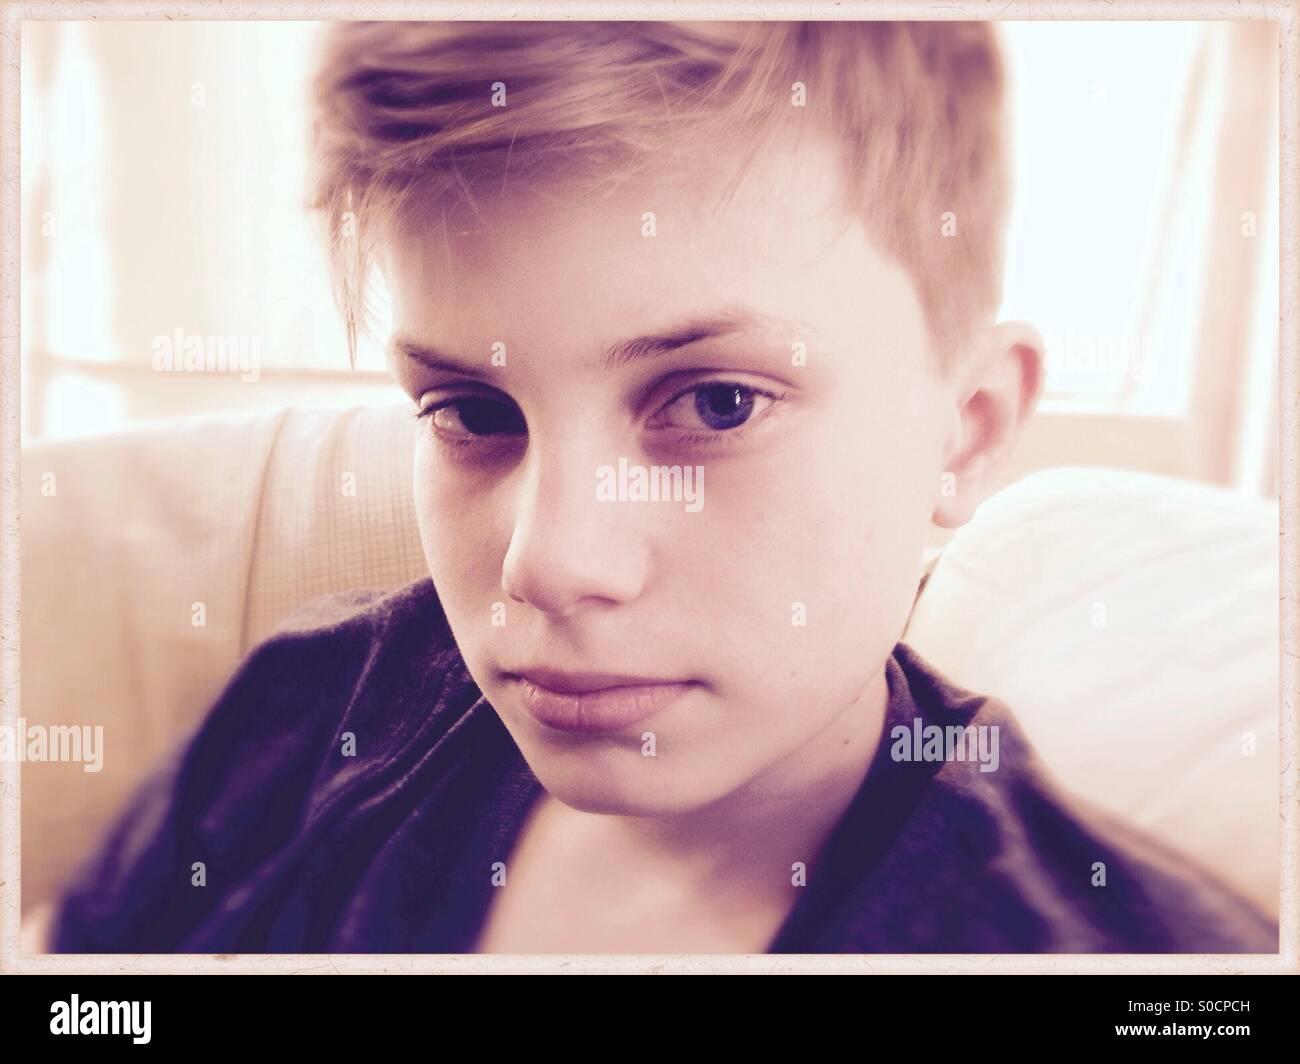 Ritratto di un adolescente ragazzo con sguardo serio. Immagini Stock